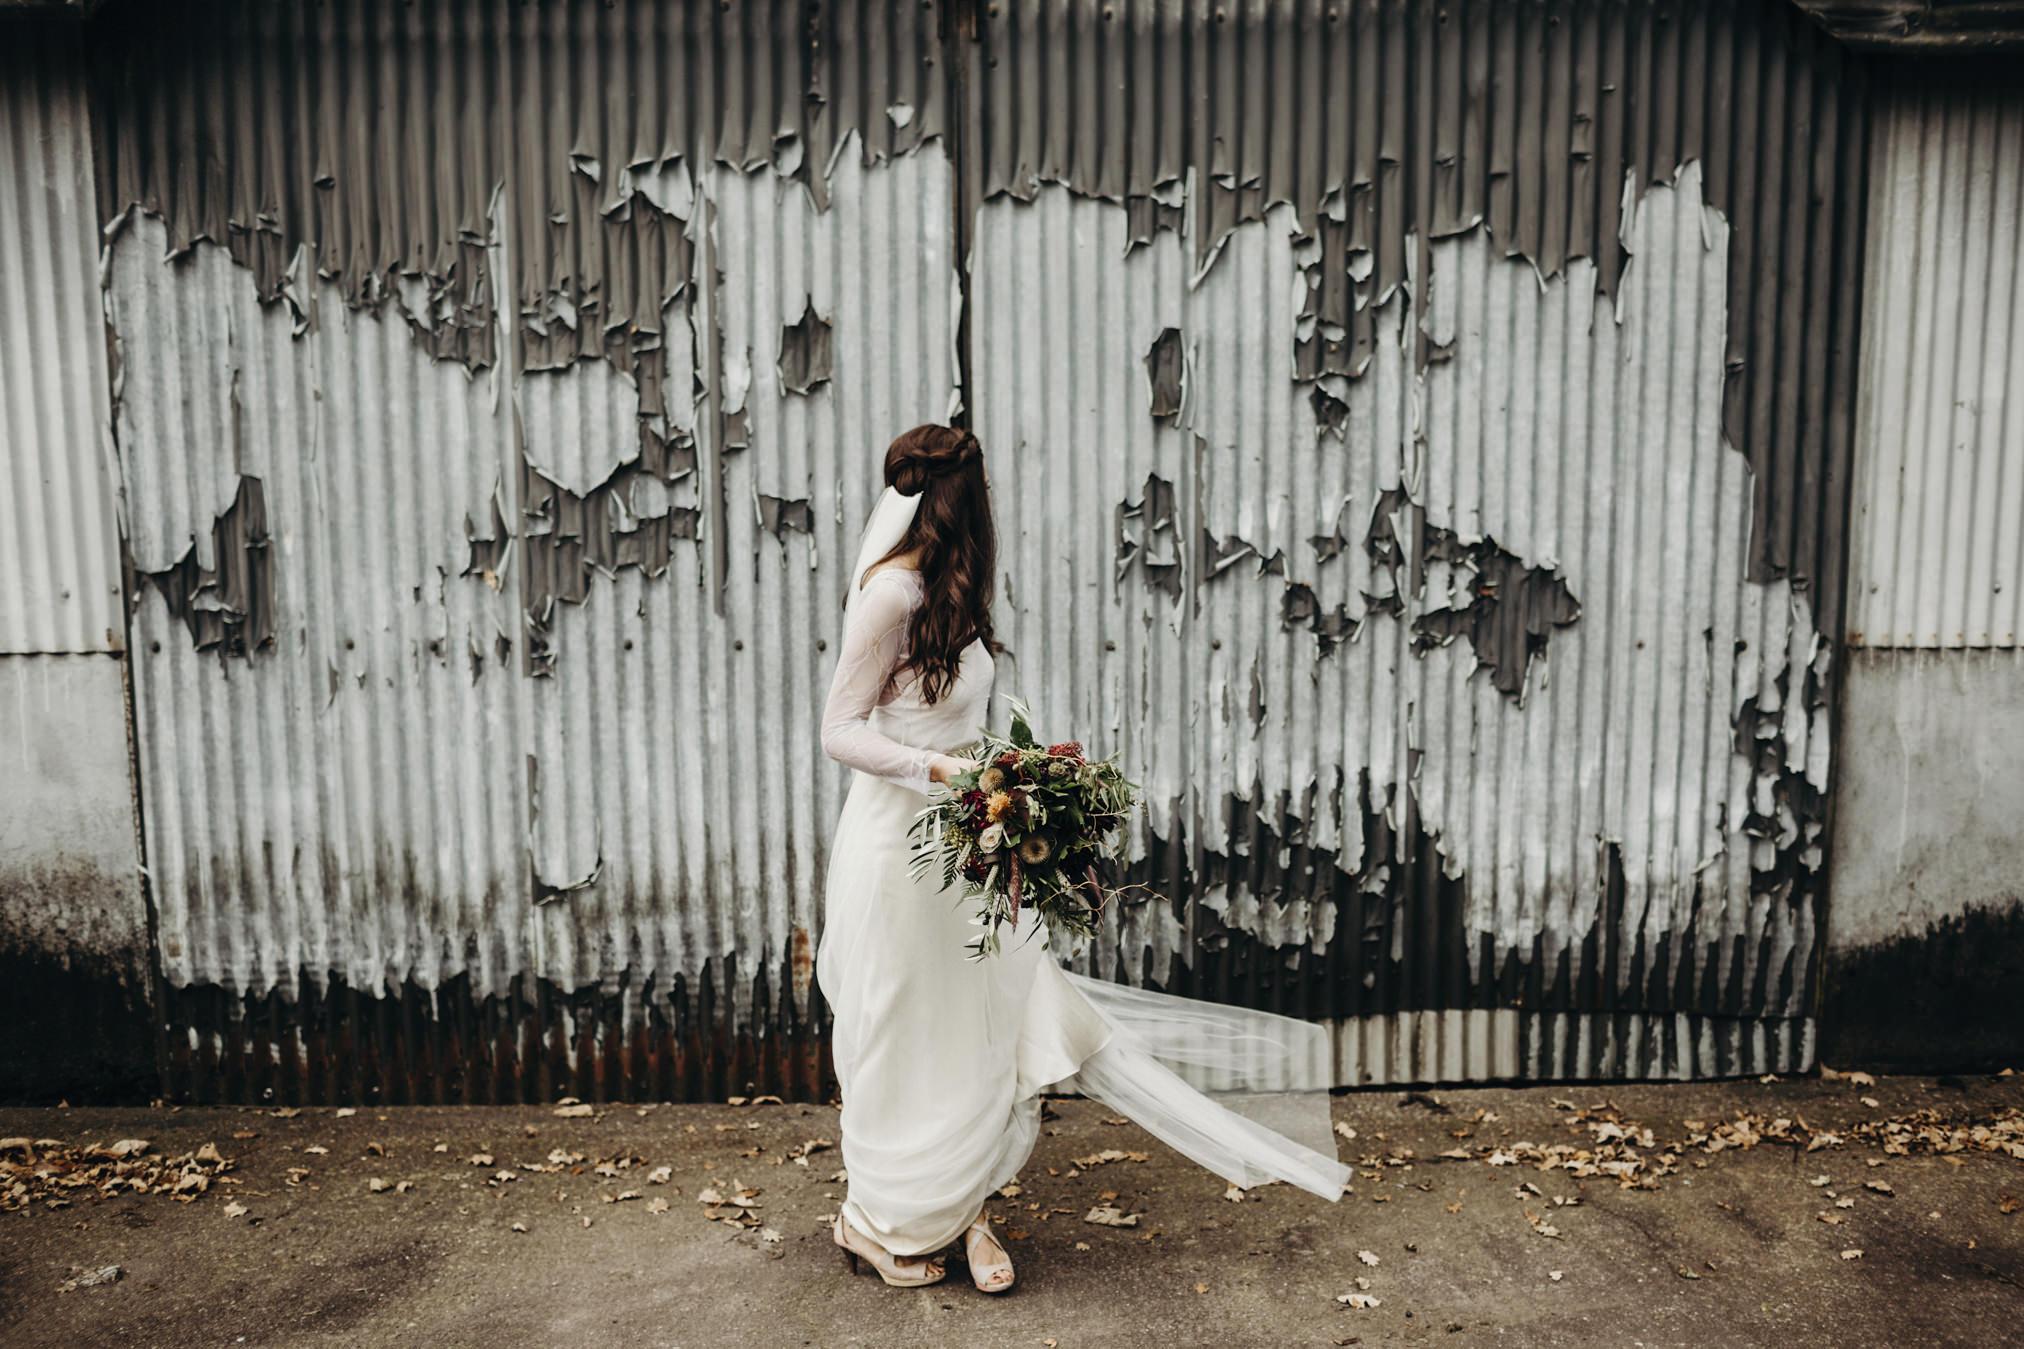 wedding photographer irelandGraciela Vilagudin Photography583.jpg